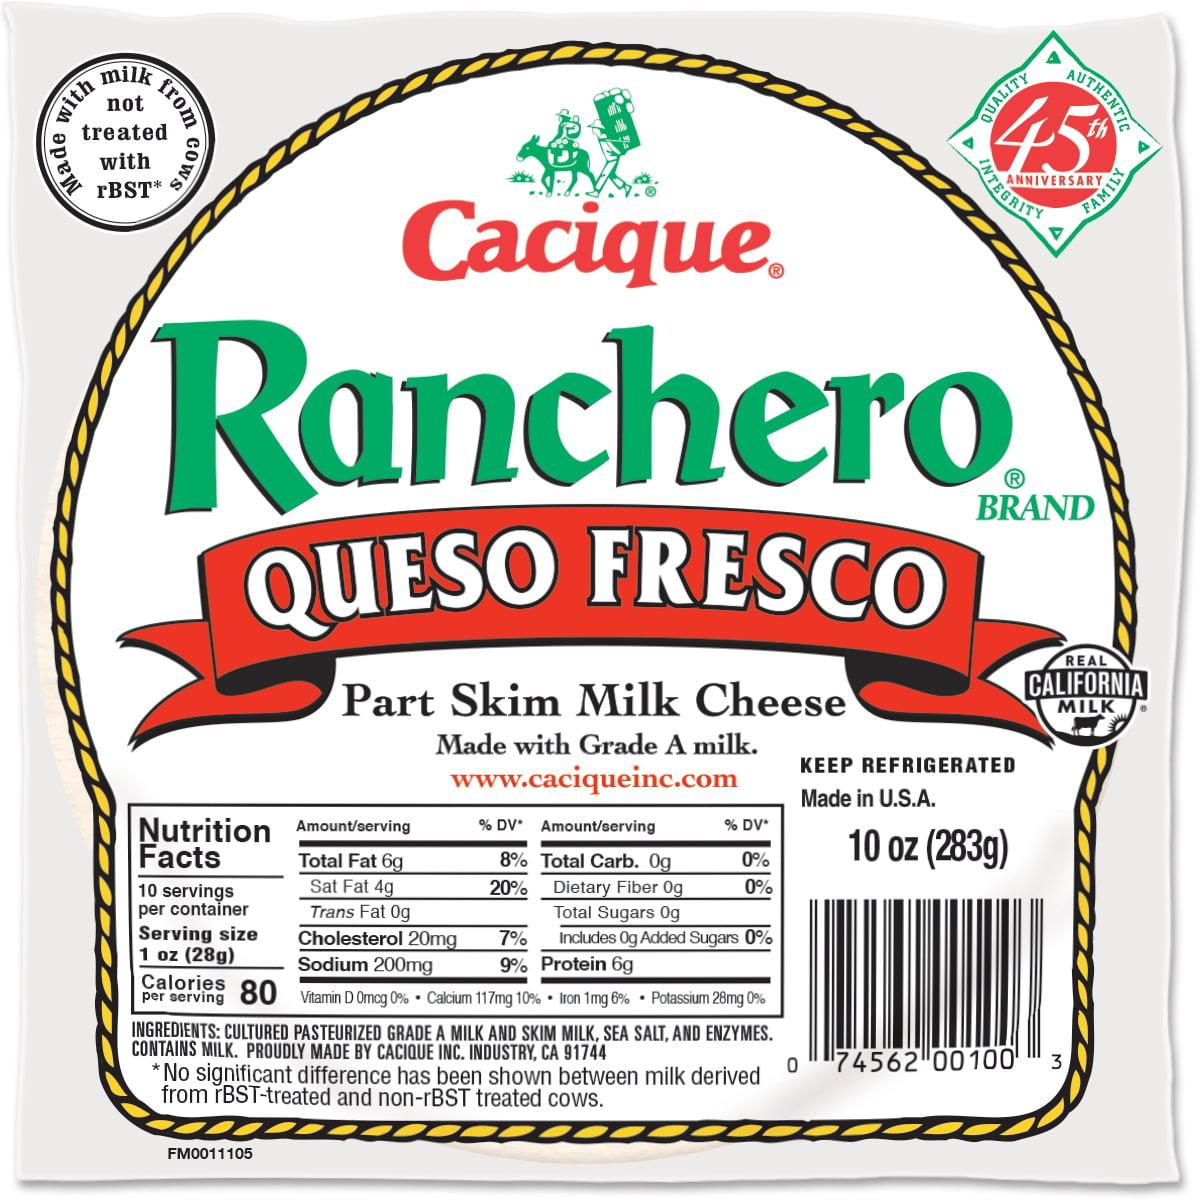 Cacique Ranchero Queso Fresco Cheese, 10 oz